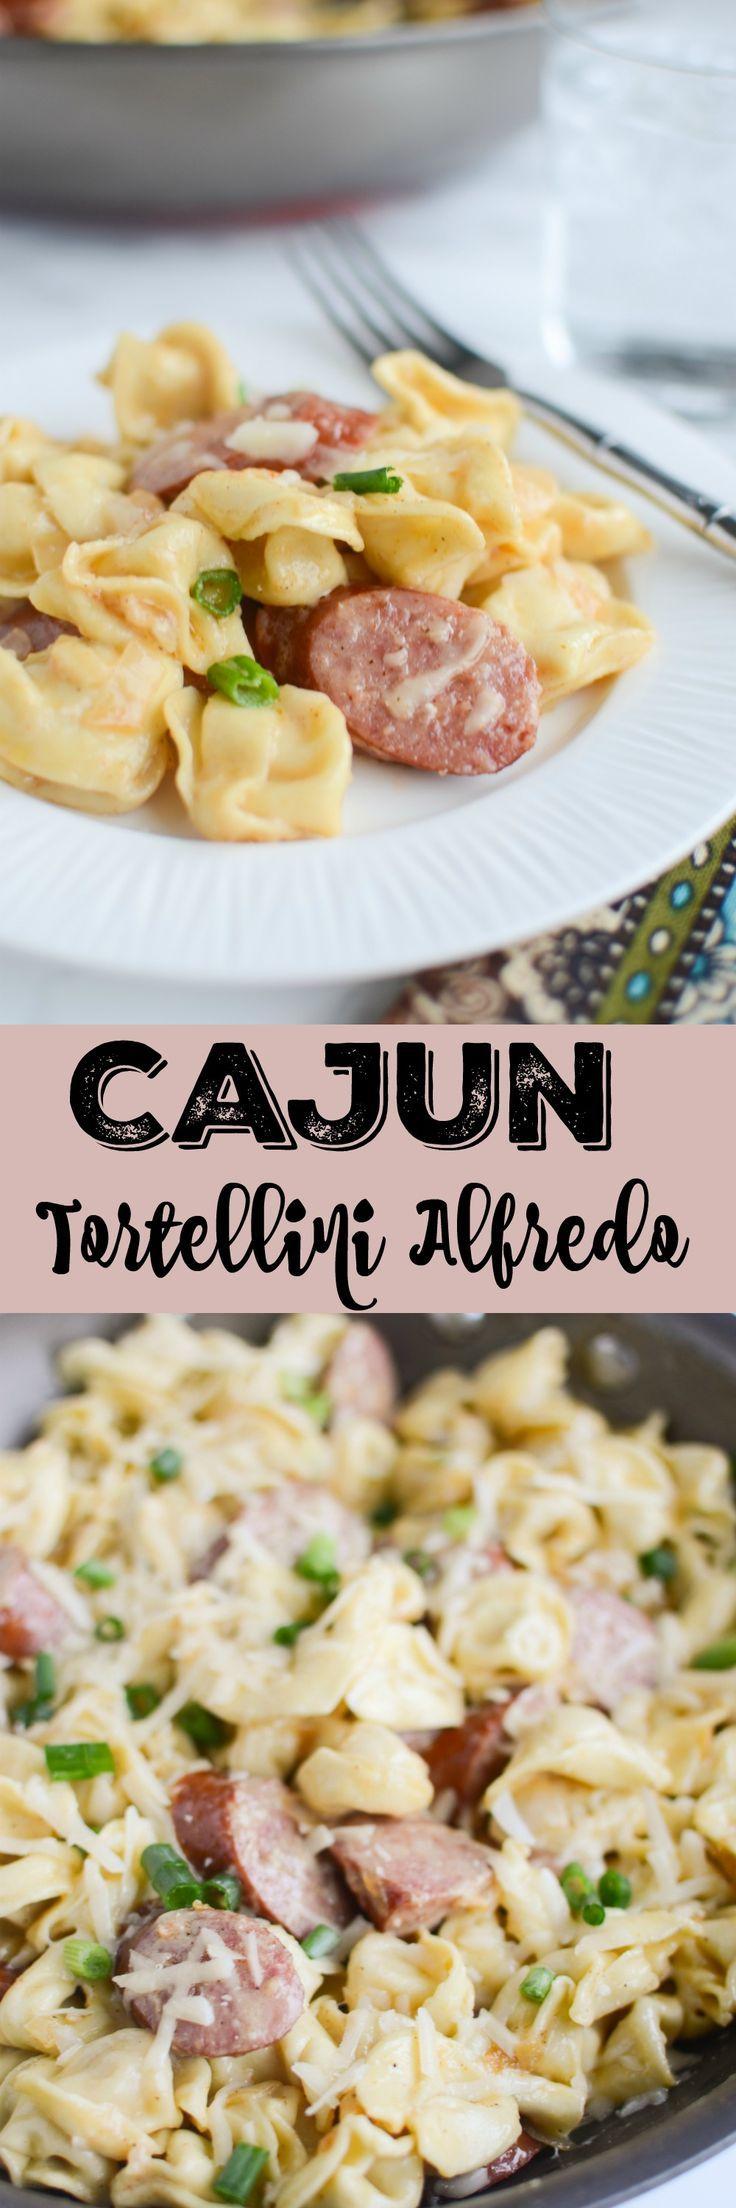 Cajun Tortellini Alfredo - delicious 20 minute dinner recipe! Tortellini and smoked sausage in a delicious cajun alfredo sauce!